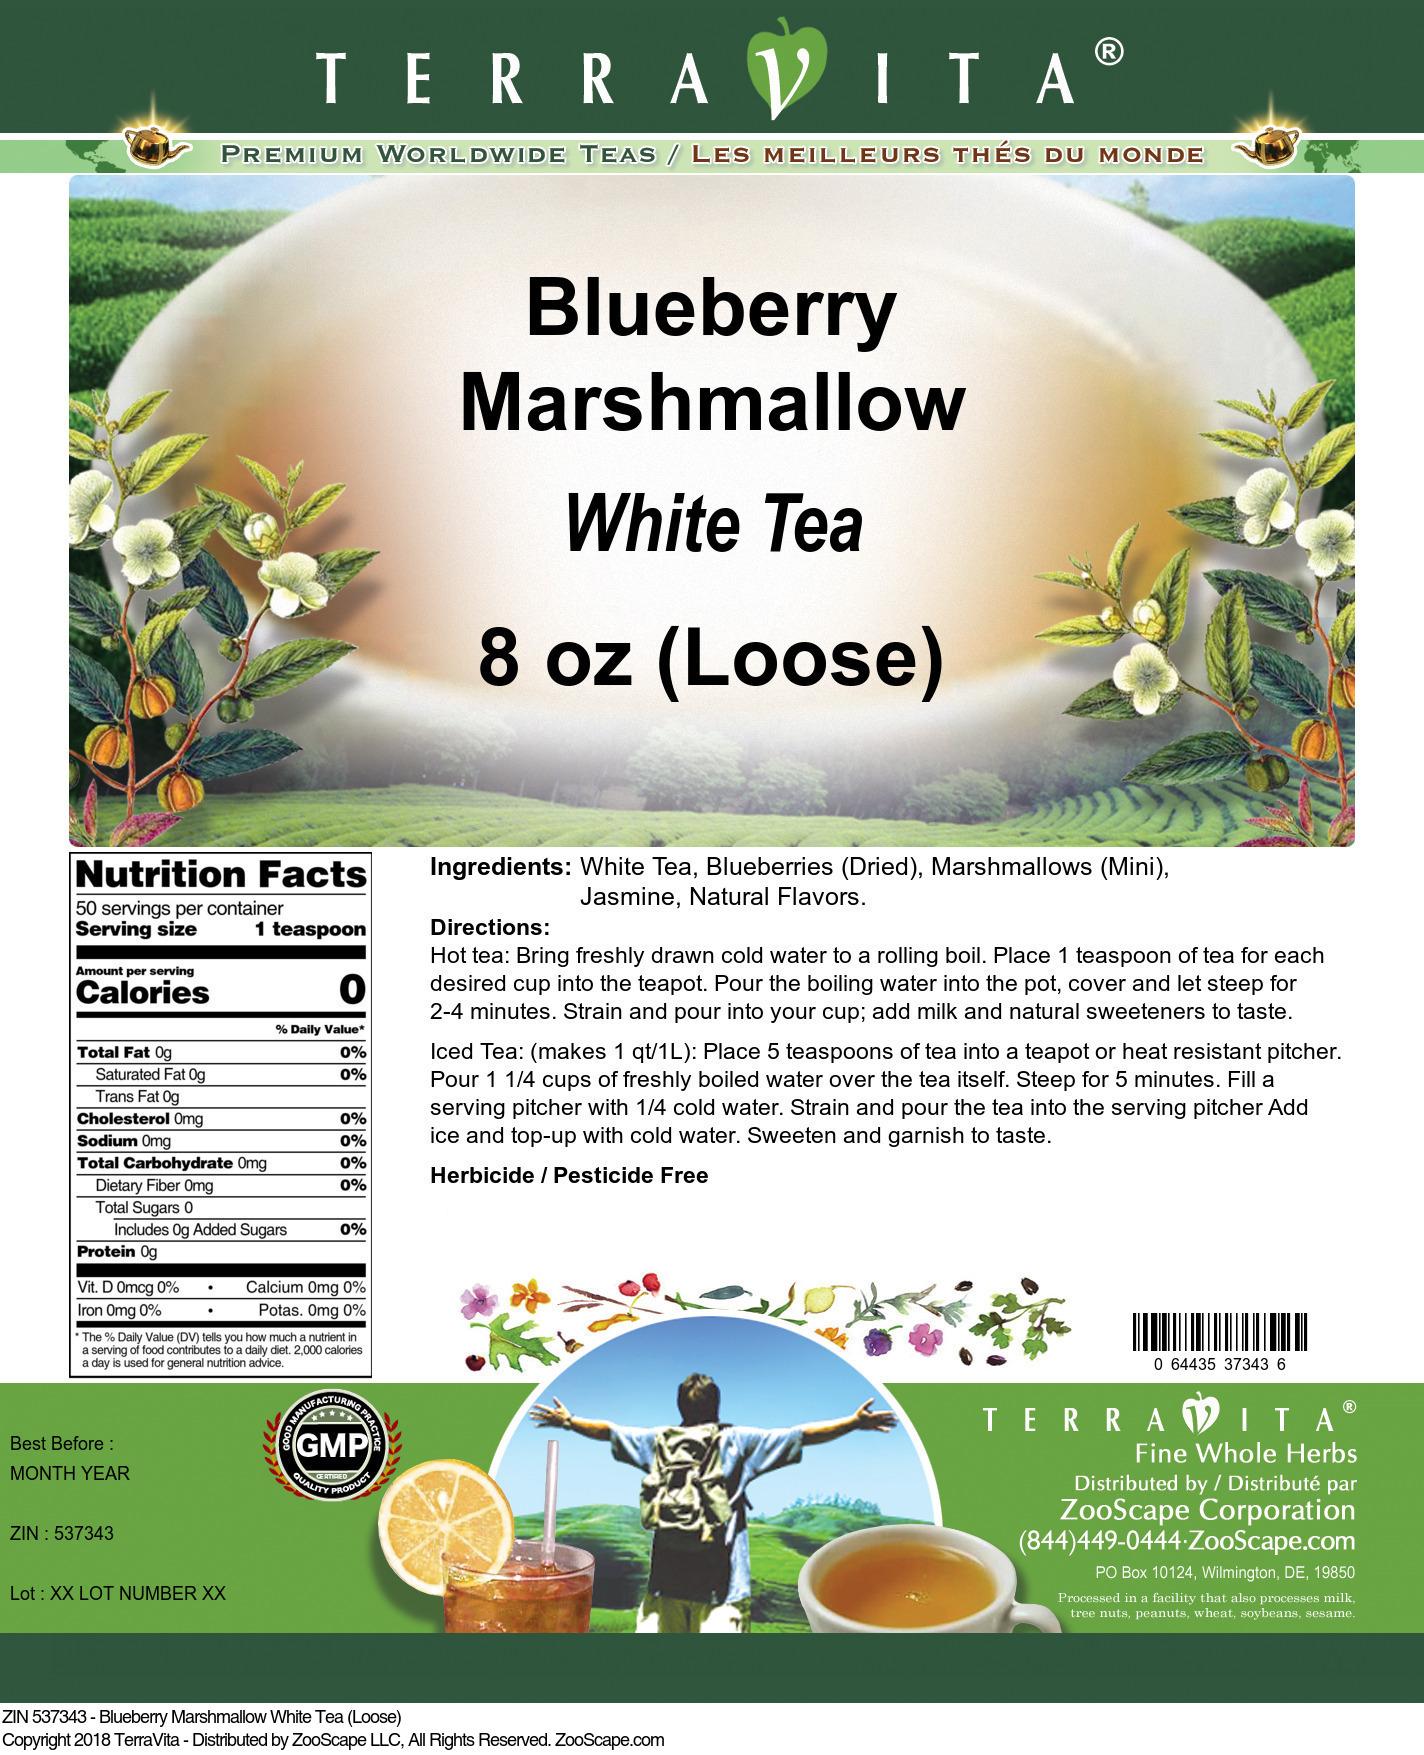 Blueberry Marshmallow White Tea (Loose)